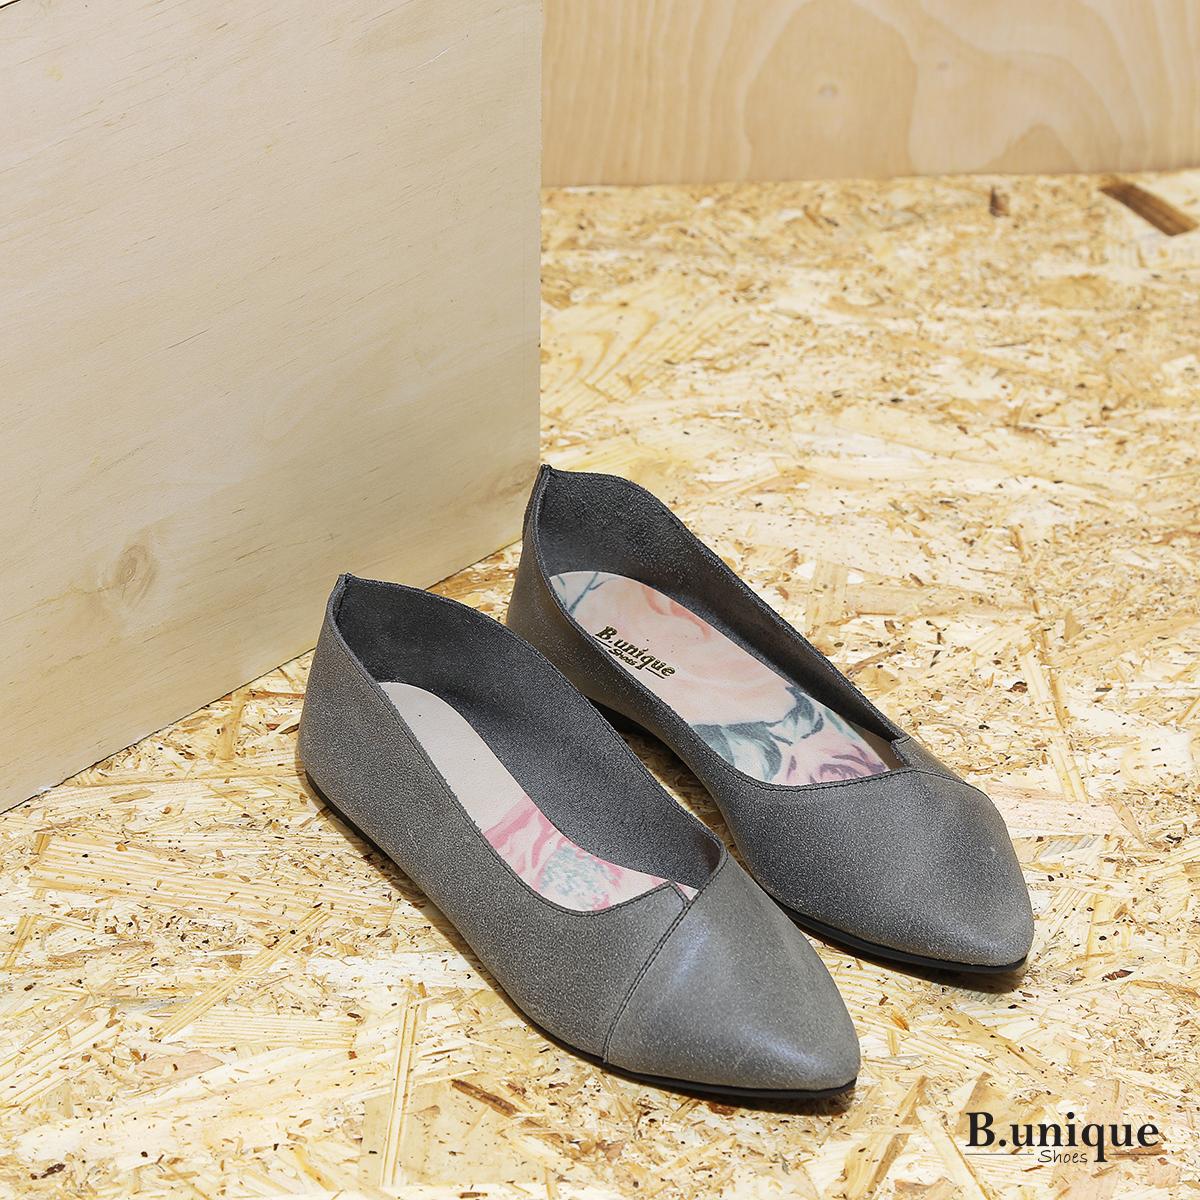 דגם לינדוס: נעלי בובה עם מפתח איקס בצבע אפור